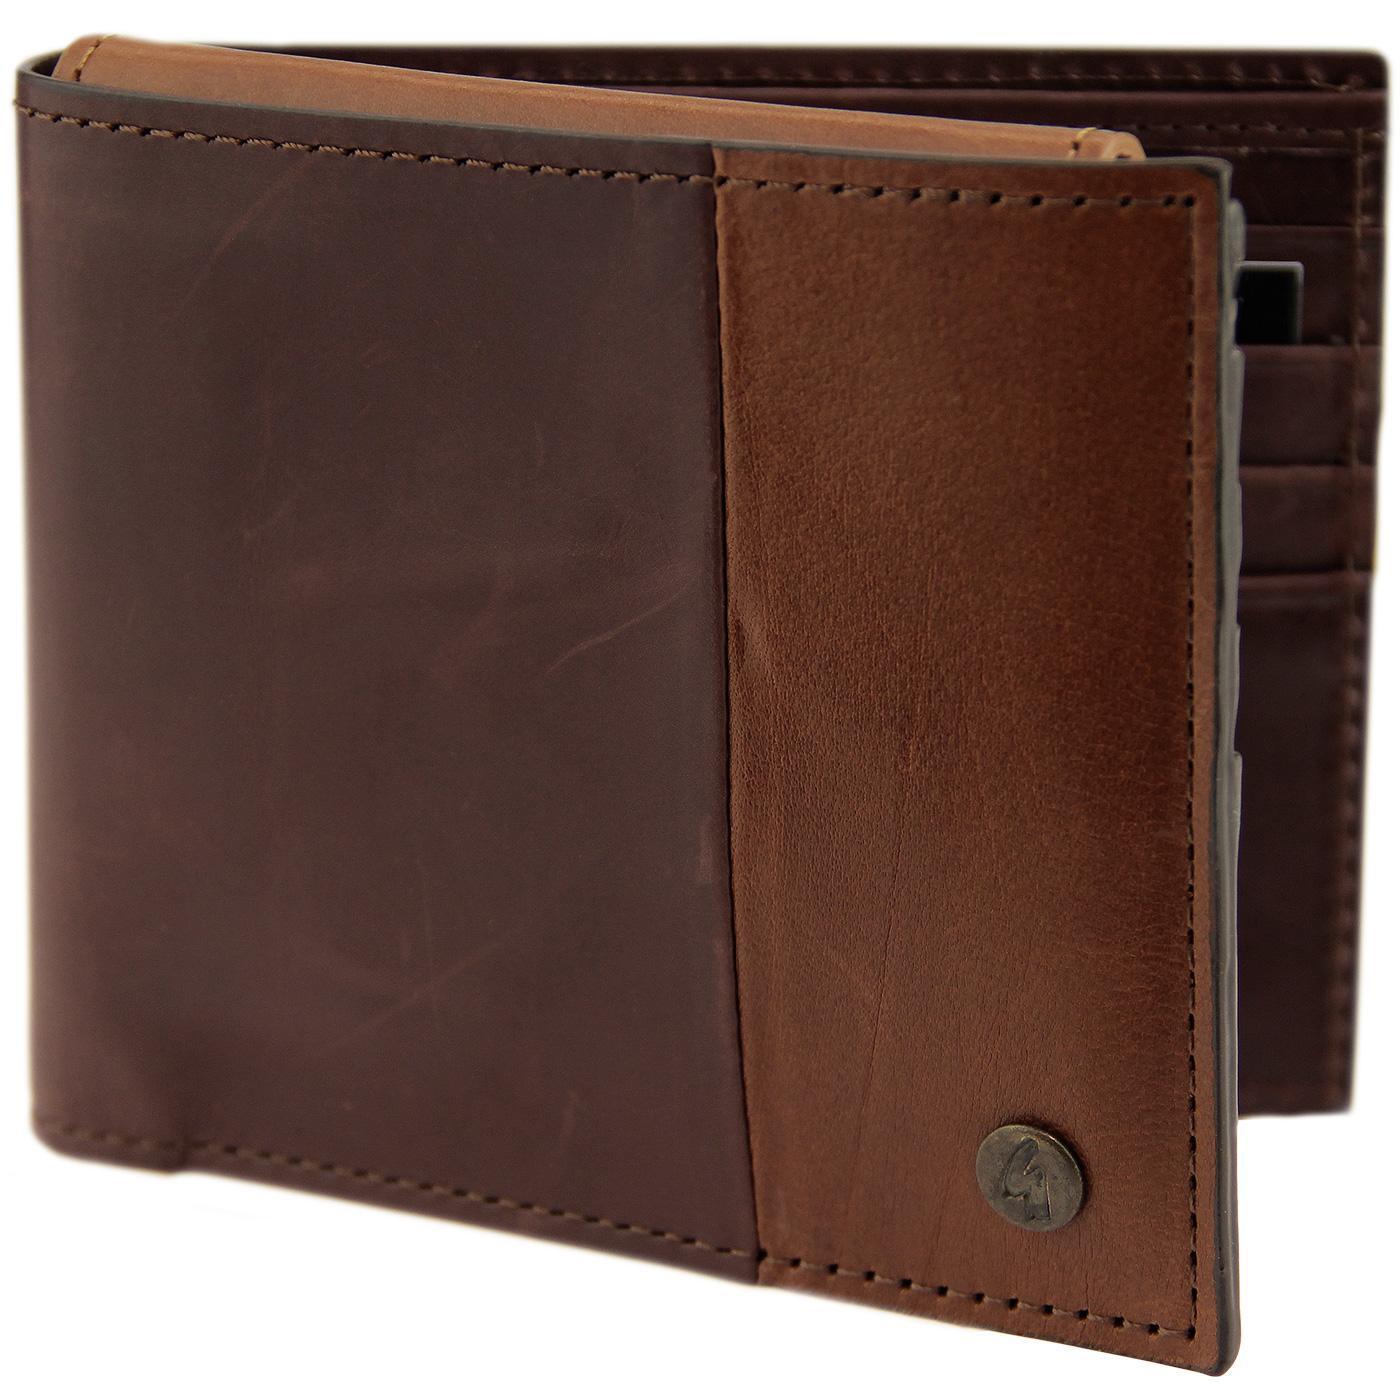 GABICCI VINTAGE Leather Cardholder & Wallet Set